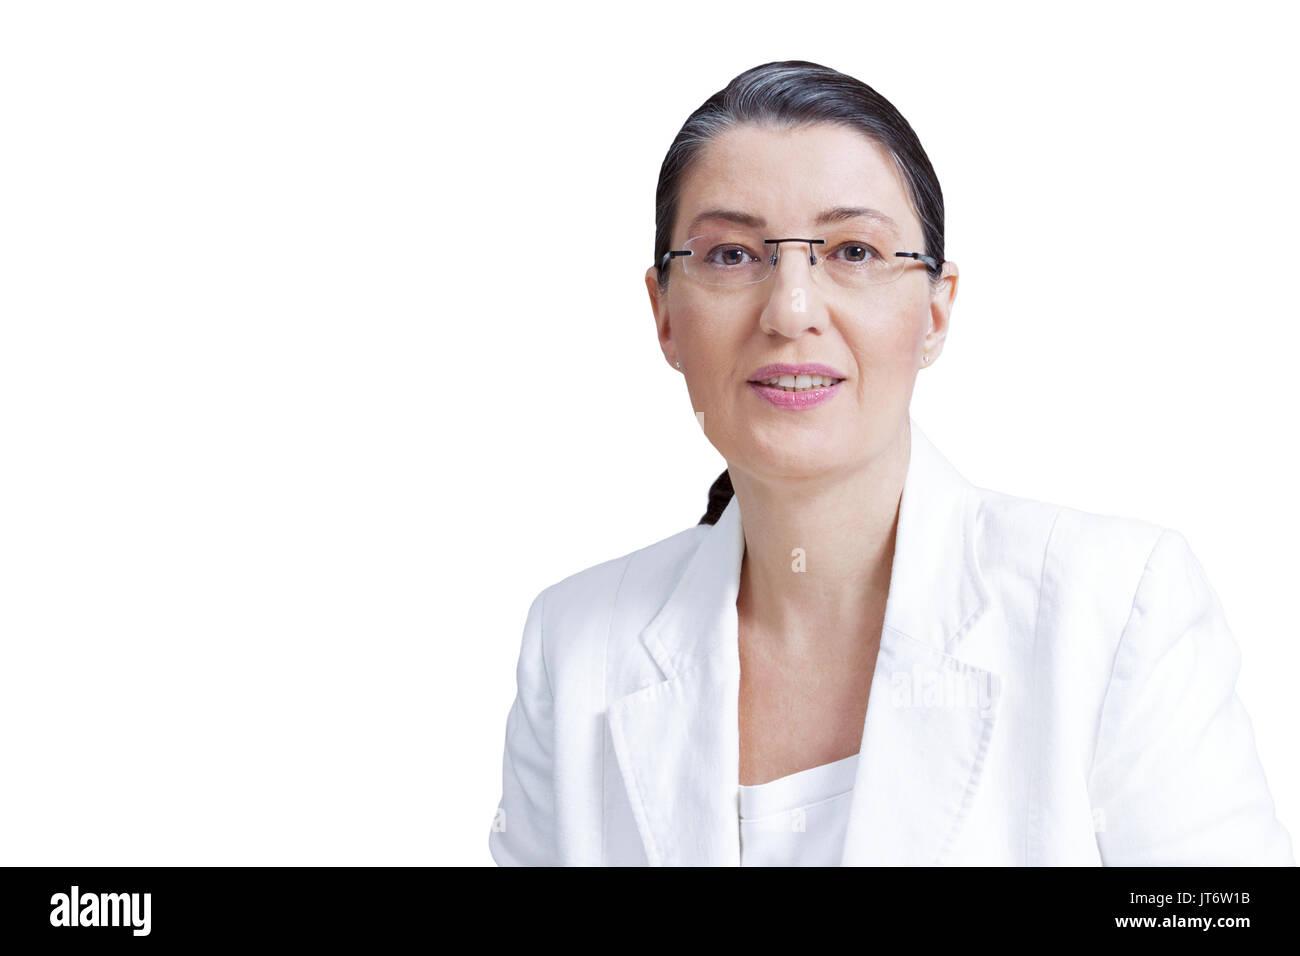 Mujer de mediana edad con gafas de blanco blazer aislado sobre fondo blanco, profesor, maestro, tutor personal coach, consejero, psicólogo Imagen De Stock